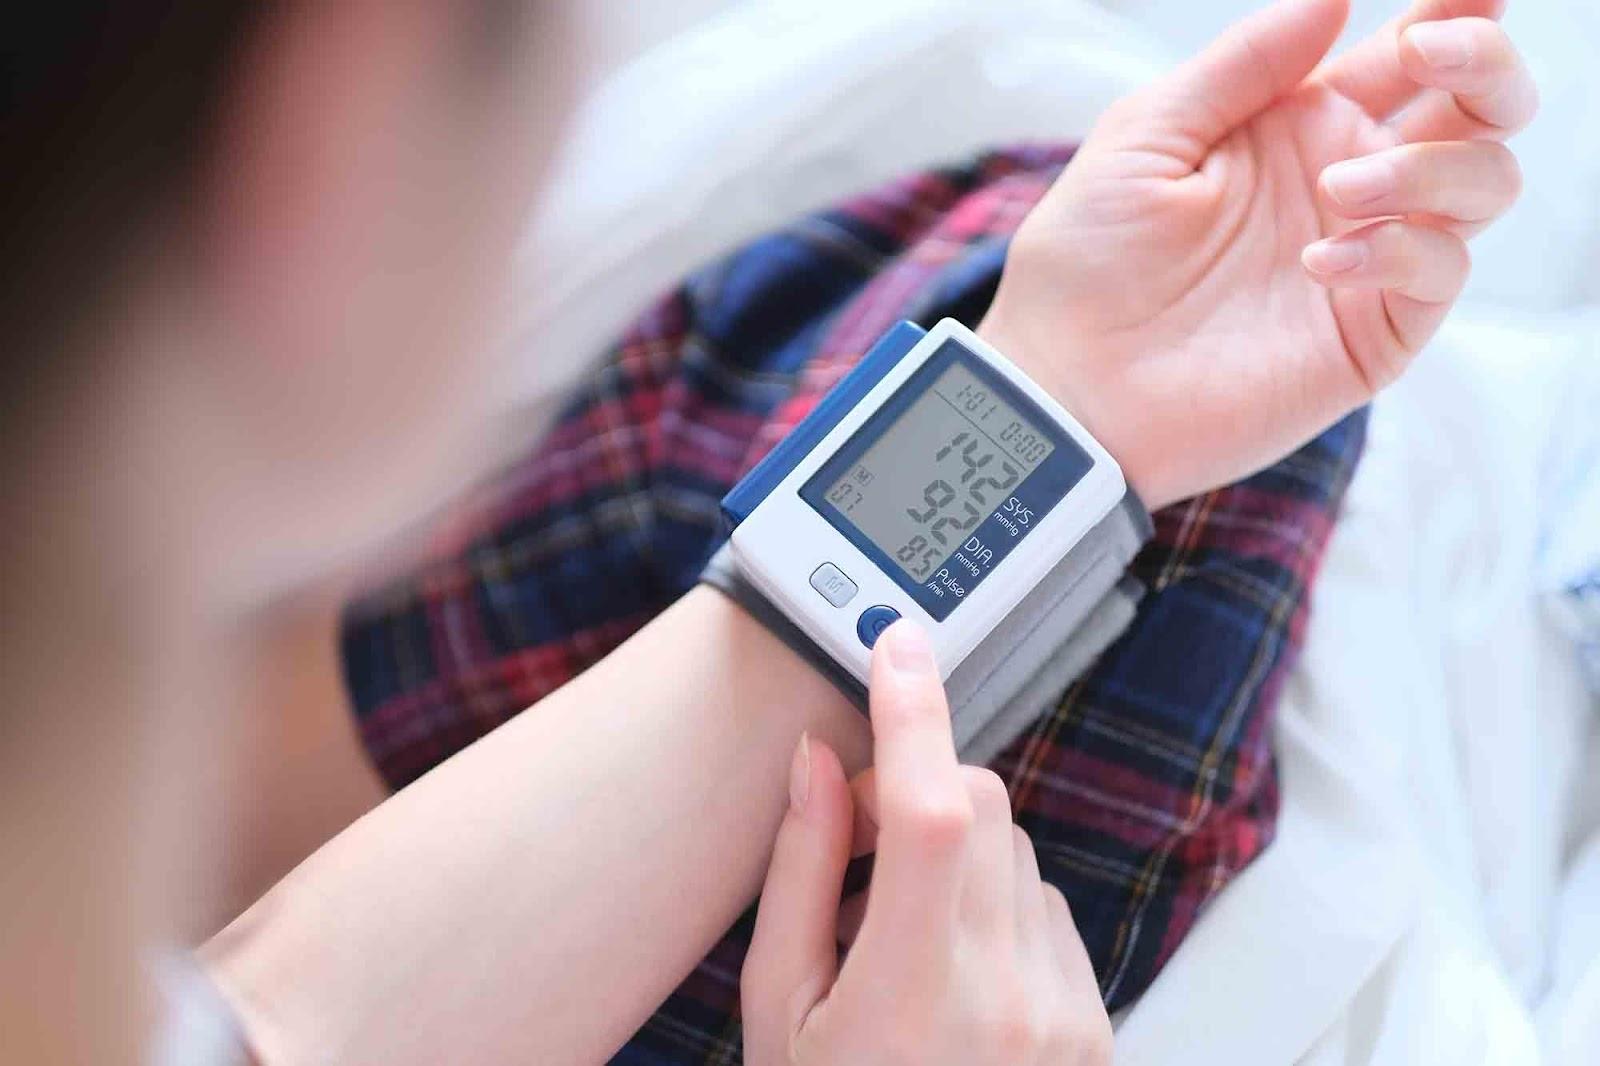 medição da pressão arterial